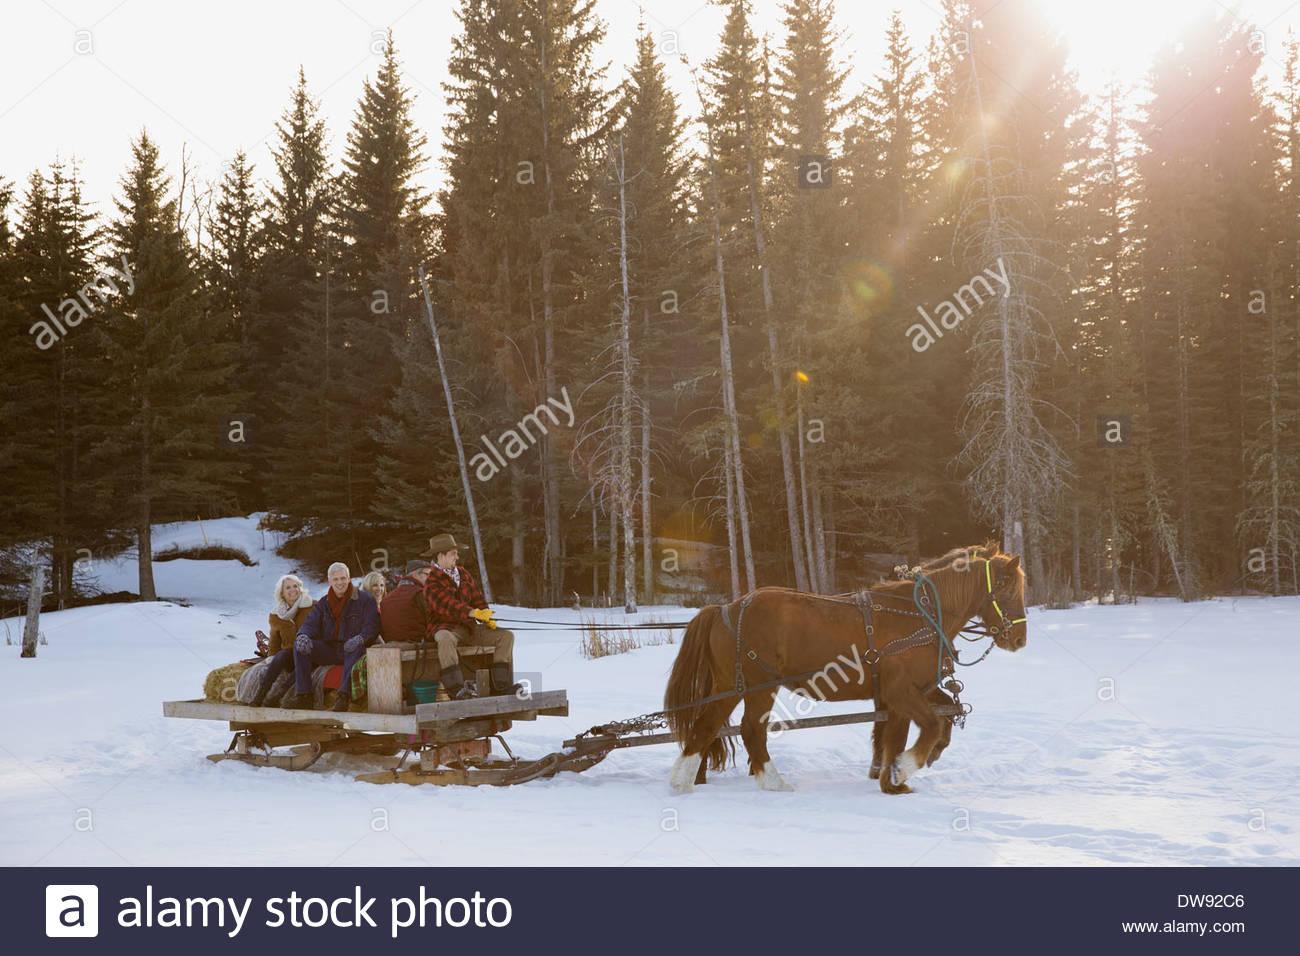 Circonscription d'amis en traîneau tiré par des chevaux dans la neige Photo Stock